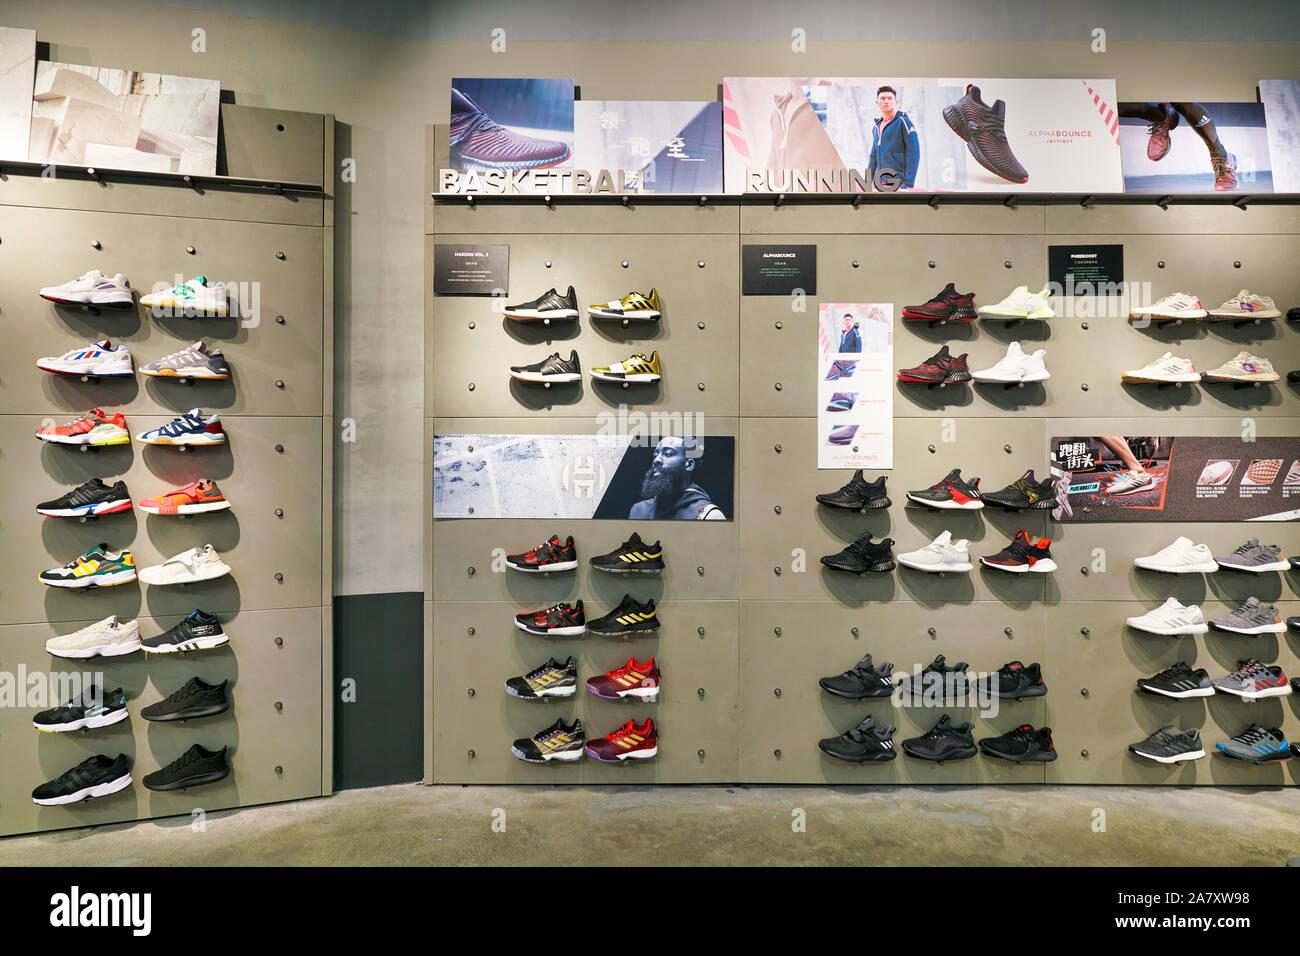 adidas store scarpe roma